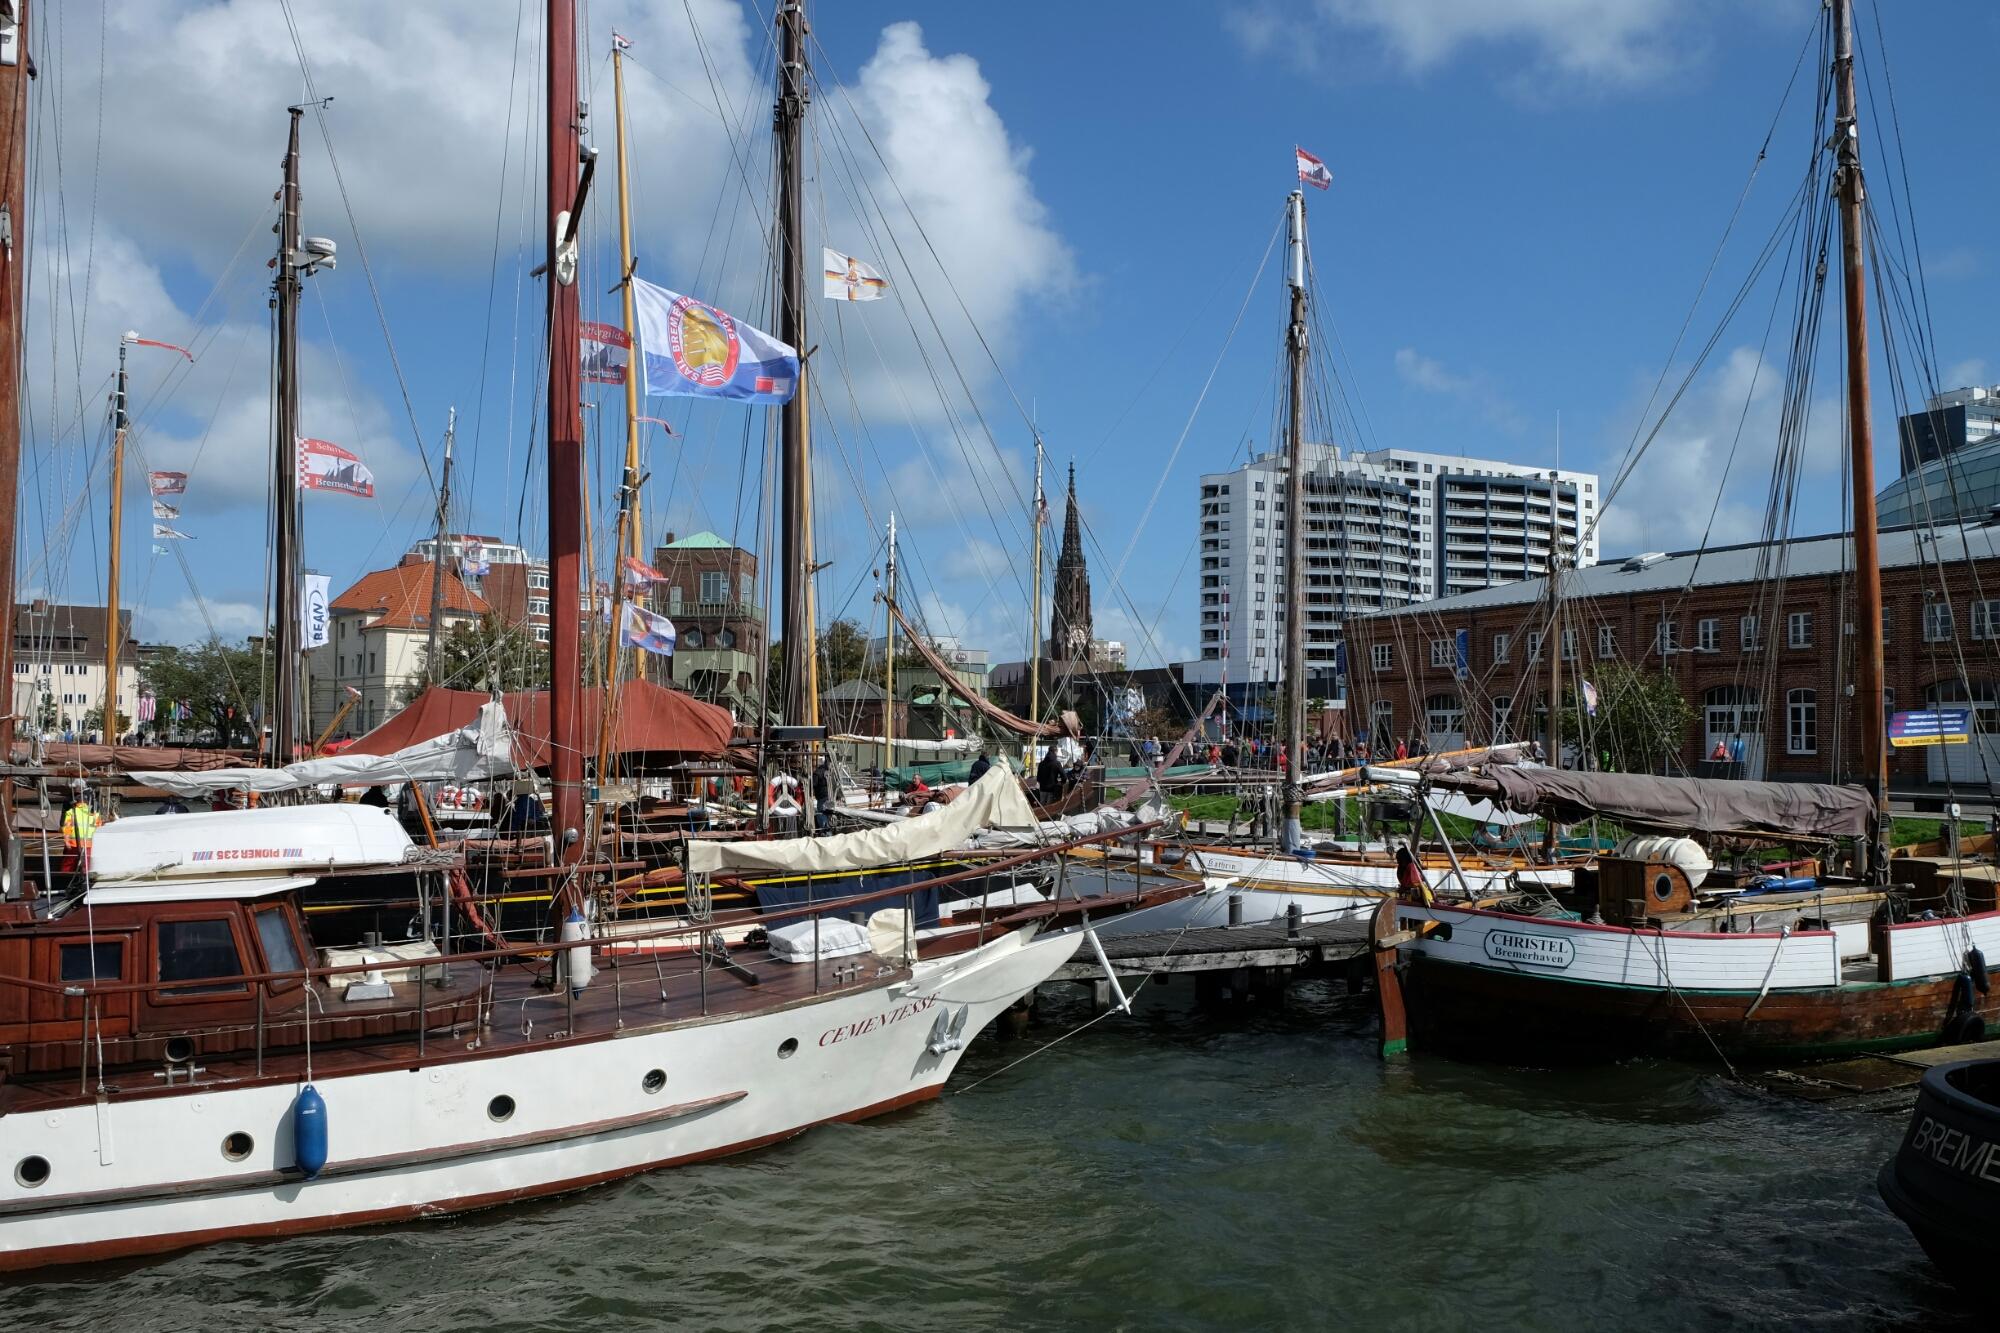 Museumshafen an der Hafenmeile von Bremerhaven